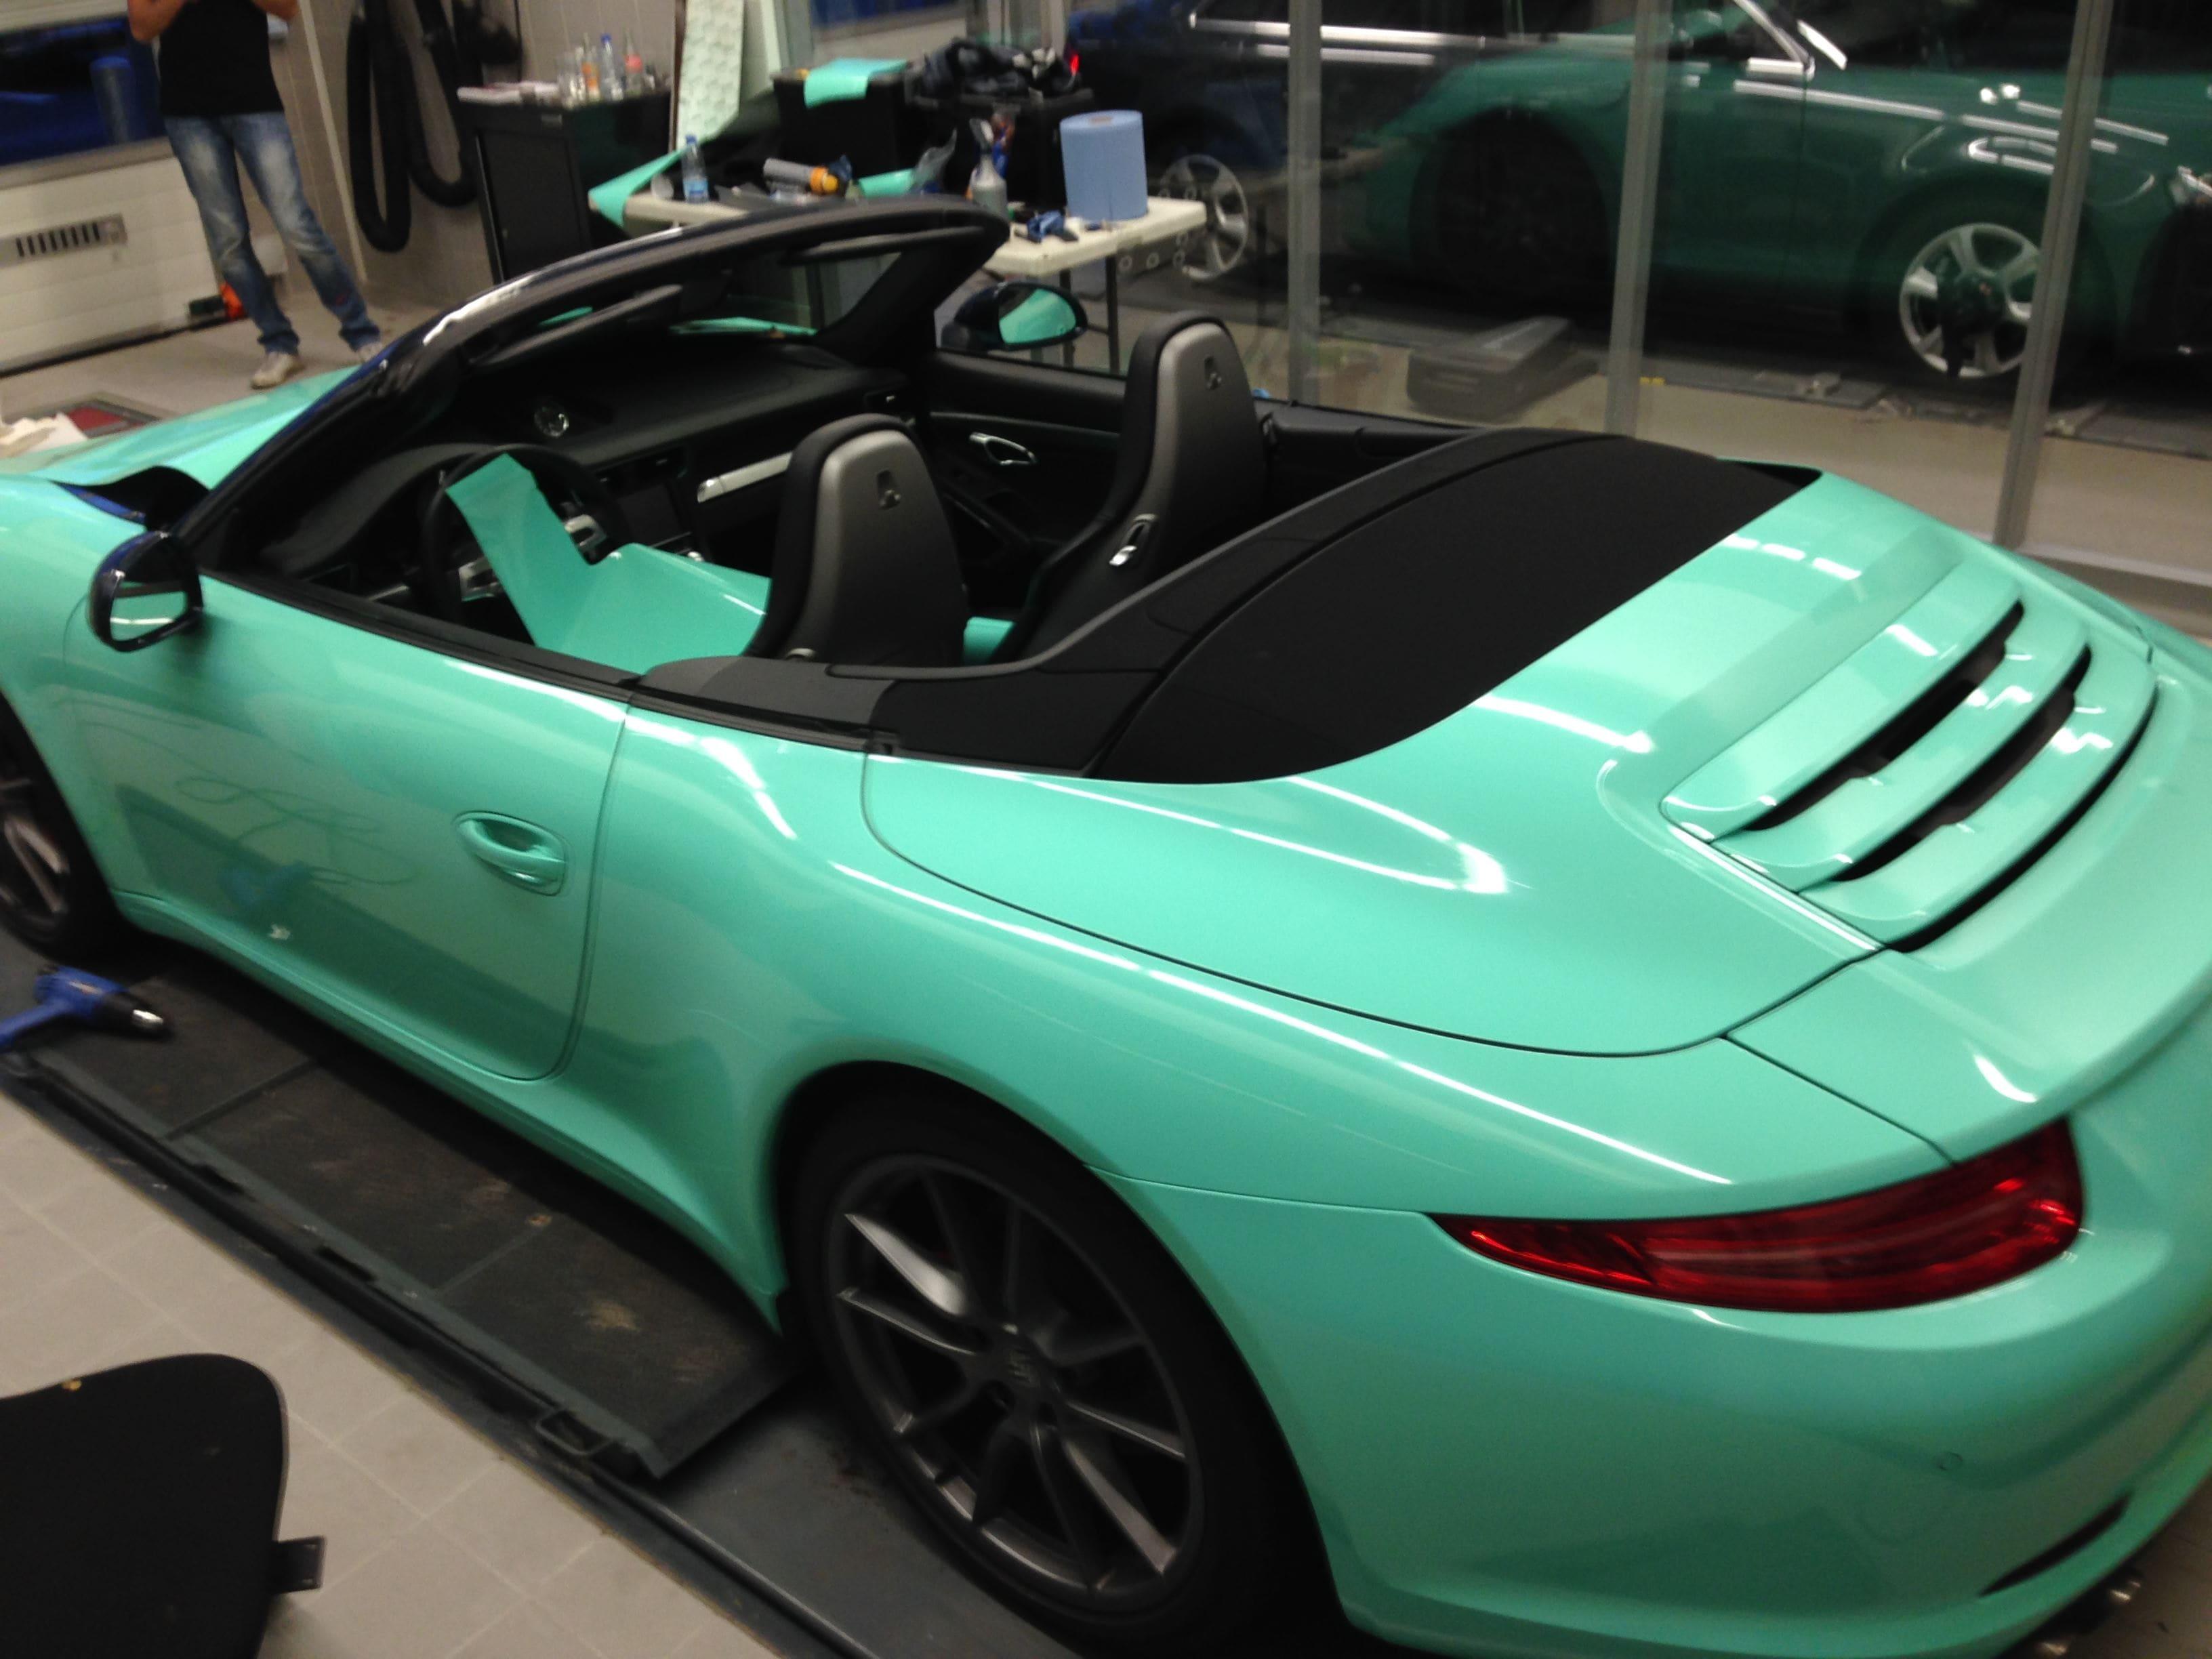 Porsche Carrera Turbo S Cabrio met Mint Green Wrap, Carwrapping door Wrapmyride.nu Foto-nr:6735, ©2020